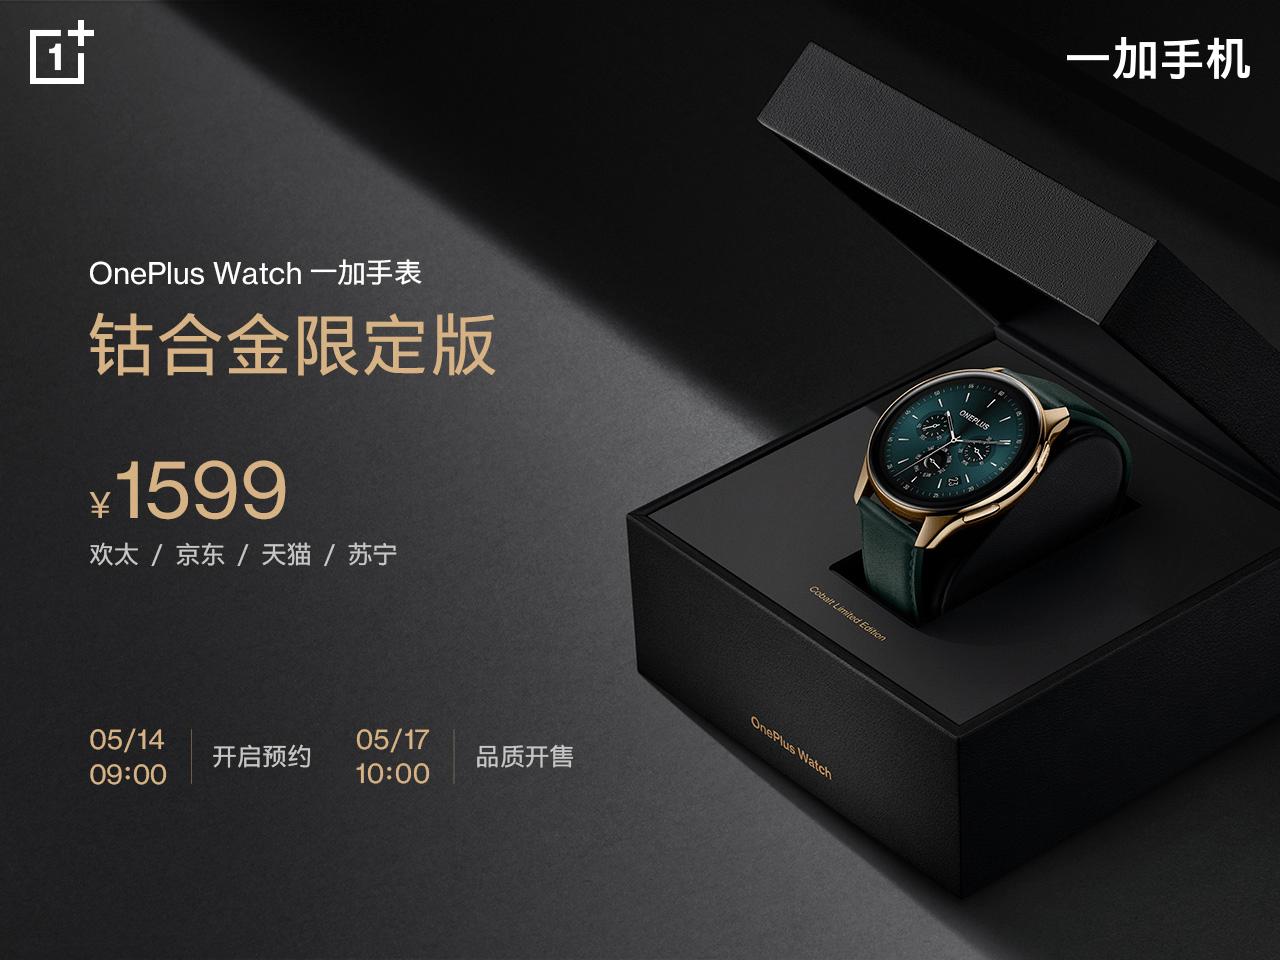 OnePlus Watch钴合金限定版5月17日10点品质开售,售价1599元